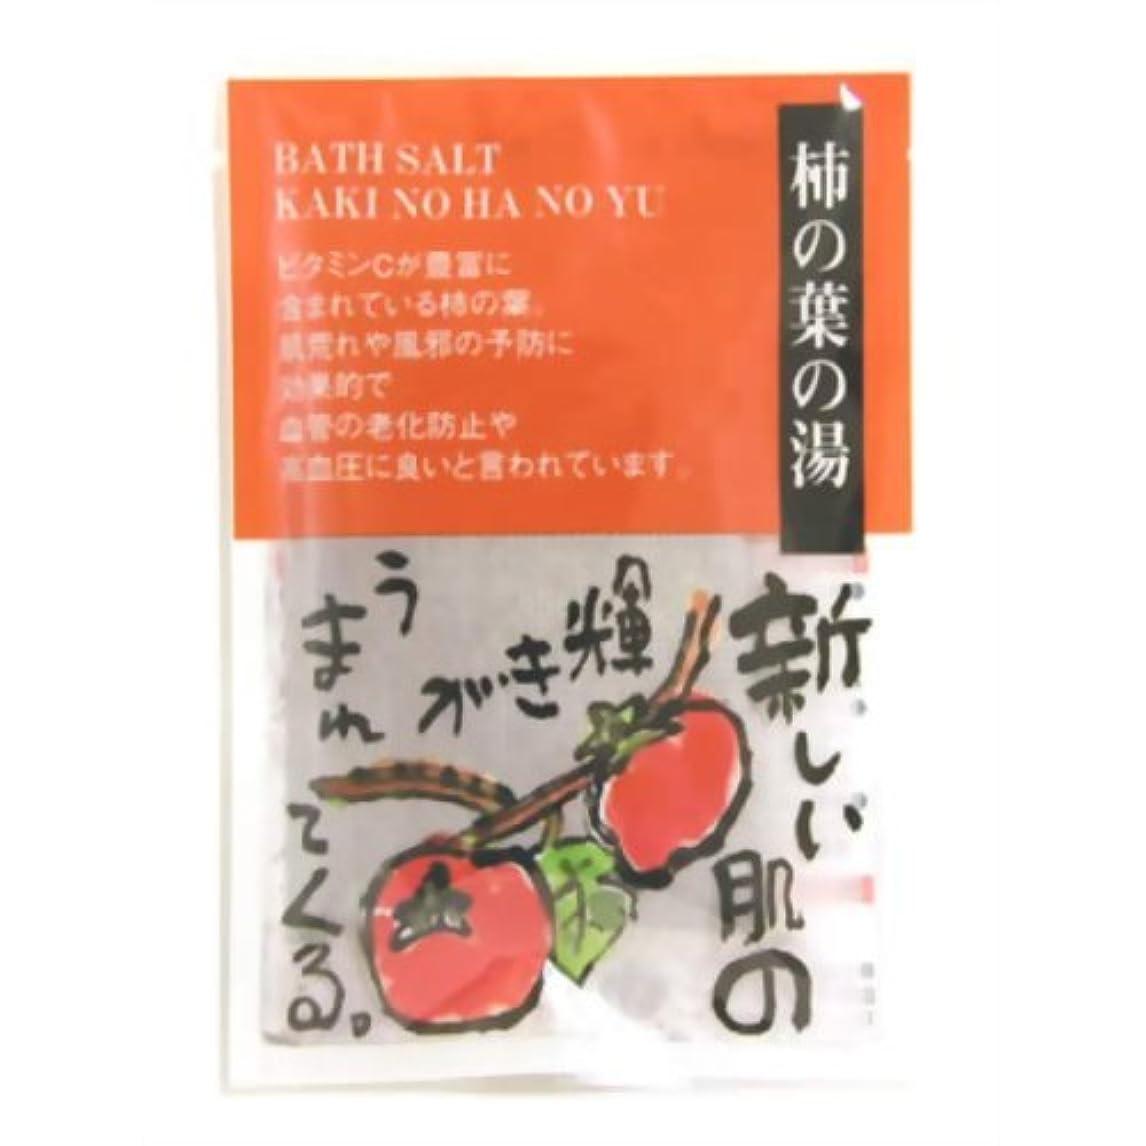 プライム変色する壊す和漢の湯 やすらぎ便り 柿の葉の湯(ティーバッグタイプ)(入浴剤 ハーブ)